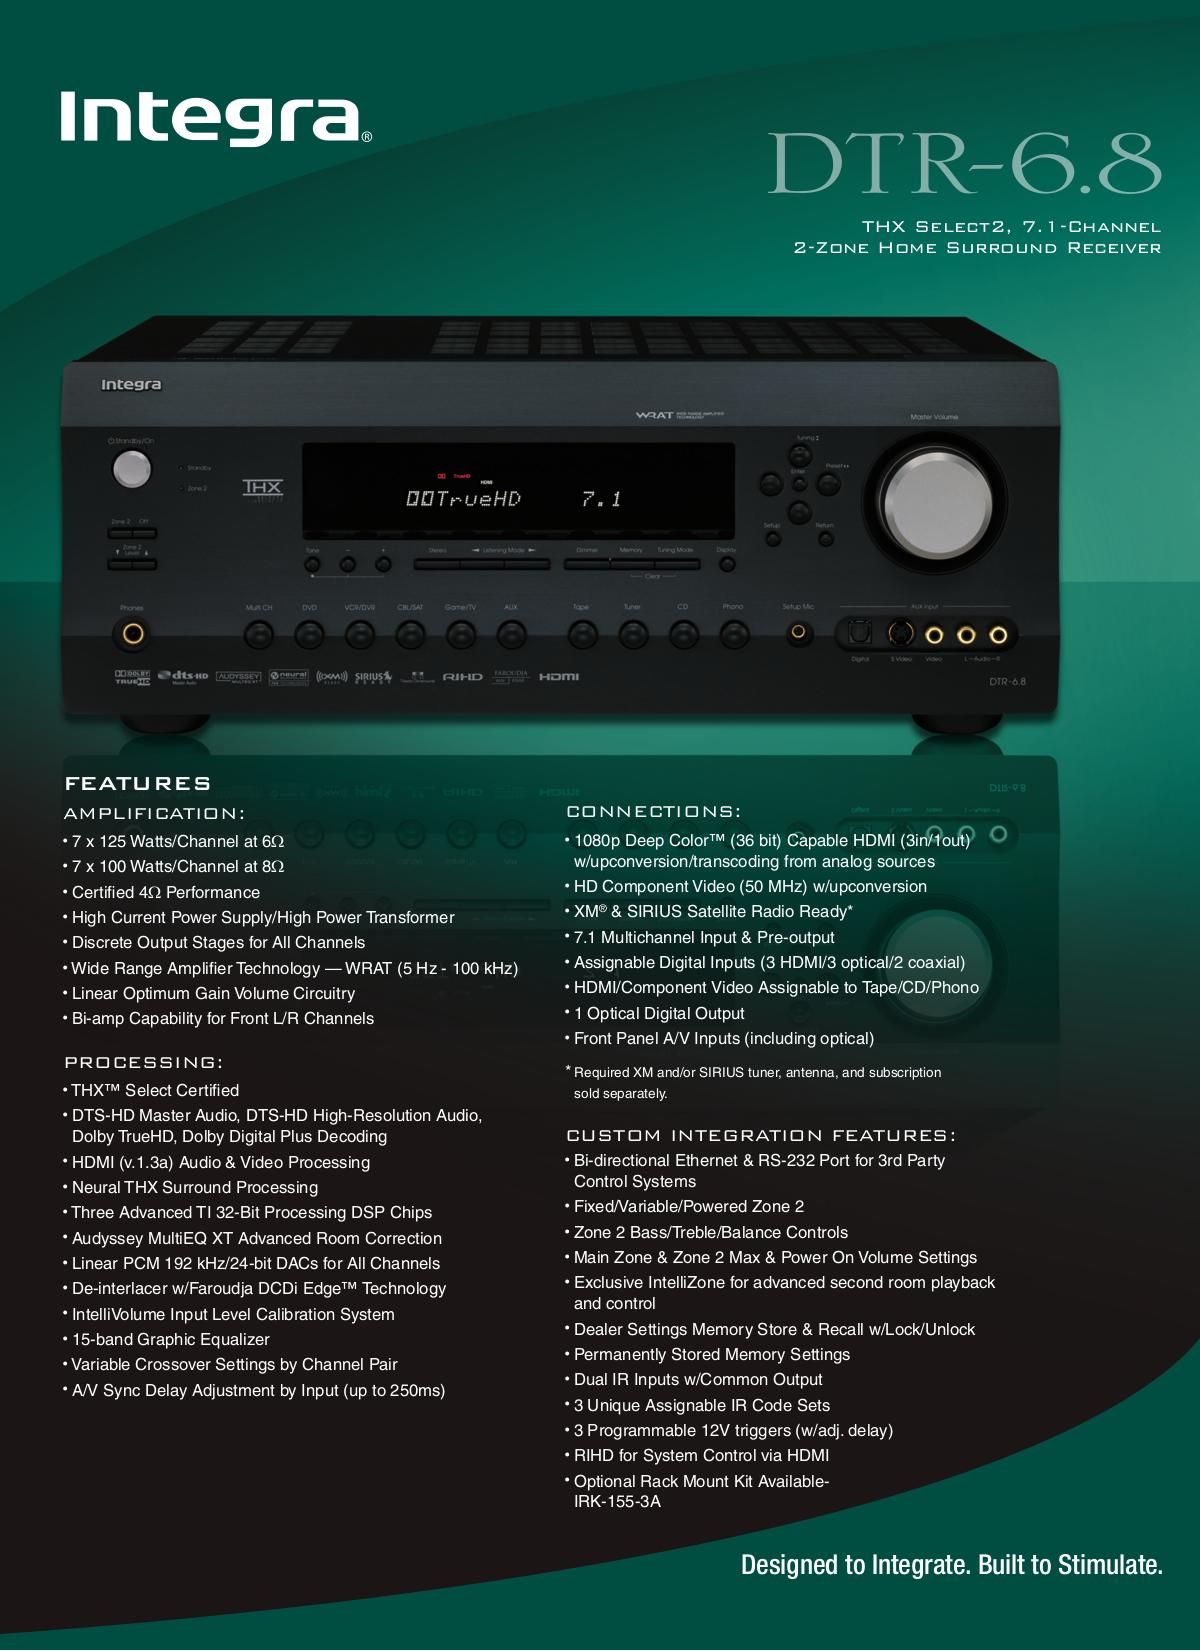 pdf for Integra Receiver DTR-7 manual